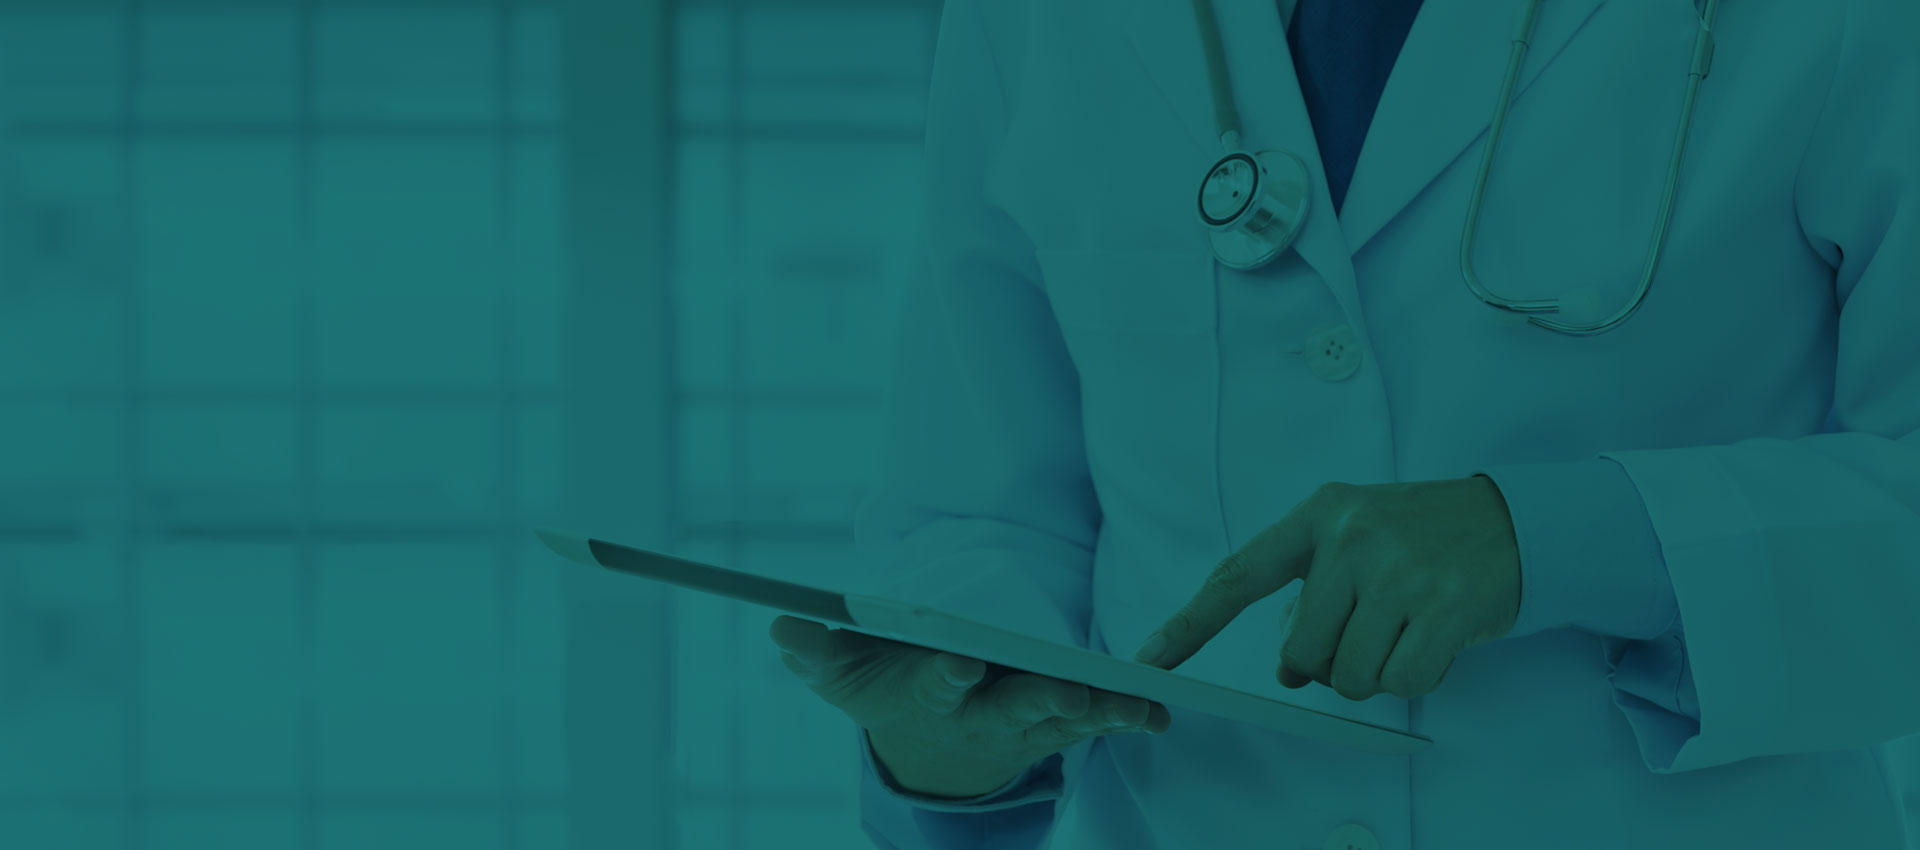 Recupero Crediti settore farmaceutico e biomedicale